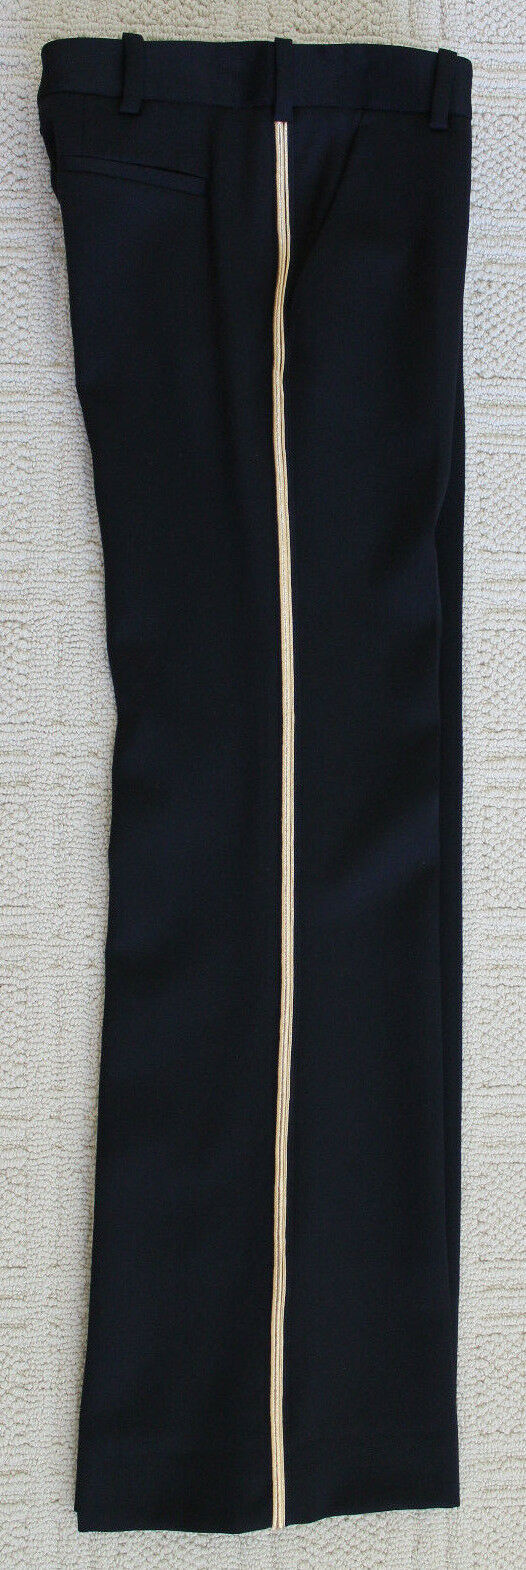 Neu Balmain Paris Schwarze Wolle Smoking Smoking Smoking Hose mit Gold Trimm Größe 38 Gr.6   Meistverkaufte weltweit    Grüne, neue Technologie    Fuxin  5cfe9c